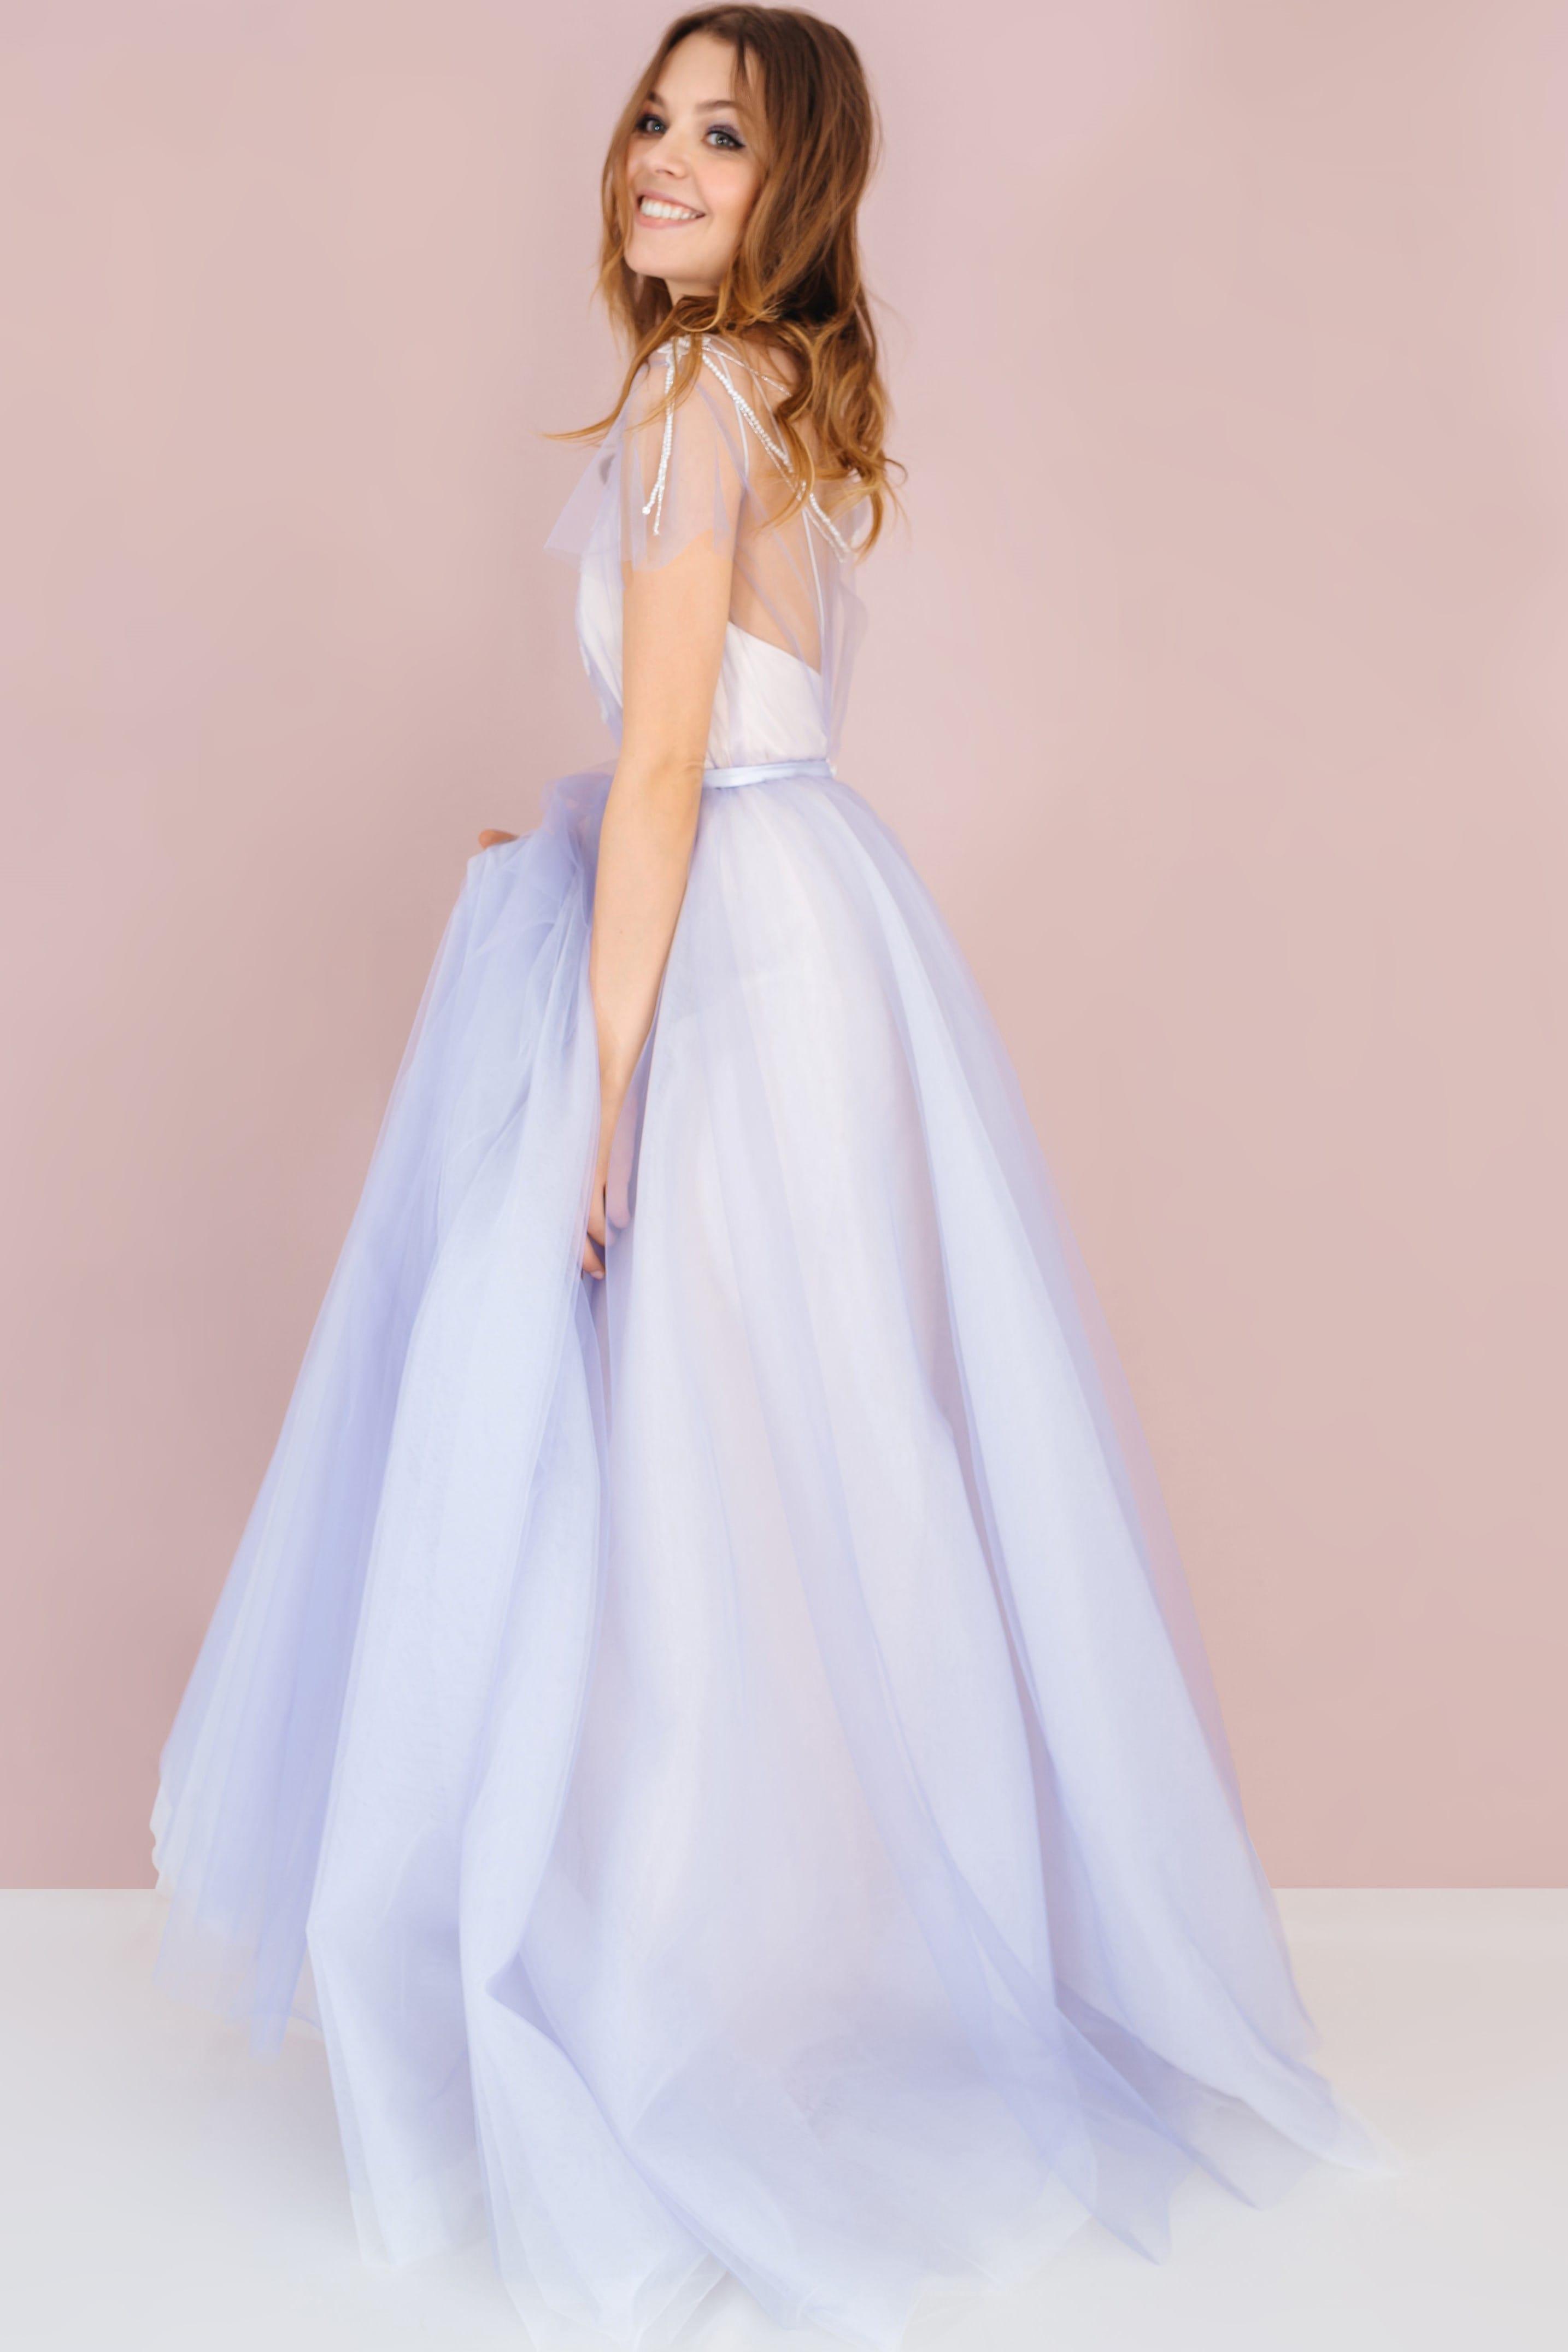 Свадебное платье SOFFY, коллекция LOFT, бренд RARE BRIDAL, фото 1